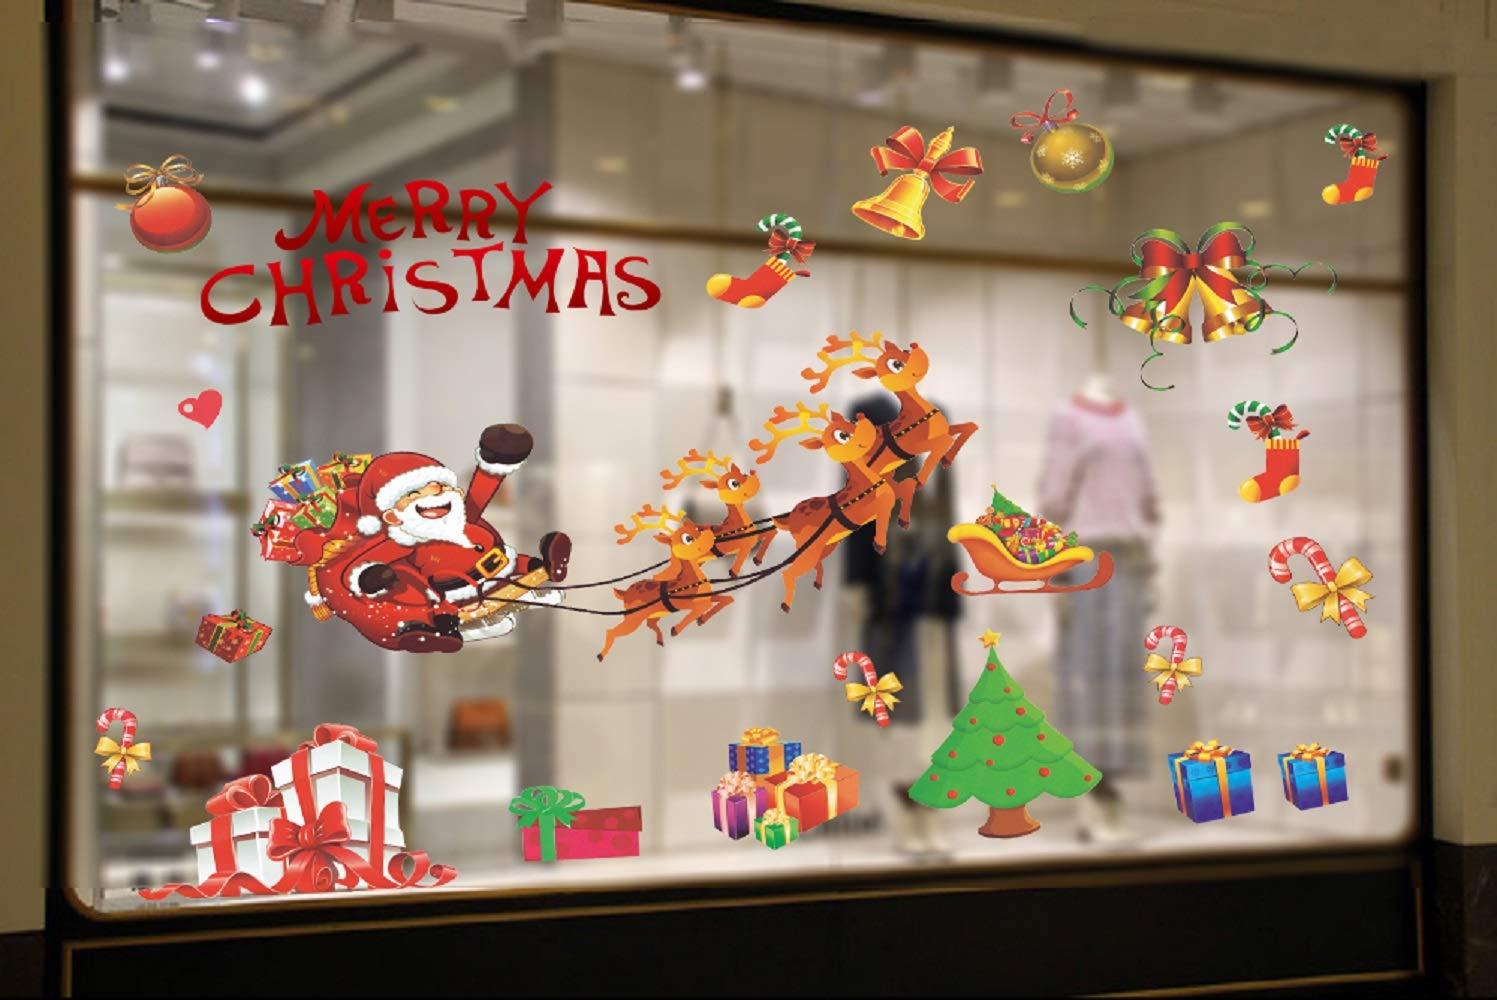 UMIPUBO Natale Vetrofanie Addobbi Natale Adesivi Statico Rimovibile Adesivi Murali Fai da te Finestra Sticker Decorazione Colorato Babbo Natale Alce Vetrina Wallpaper Adesivi (Natale)